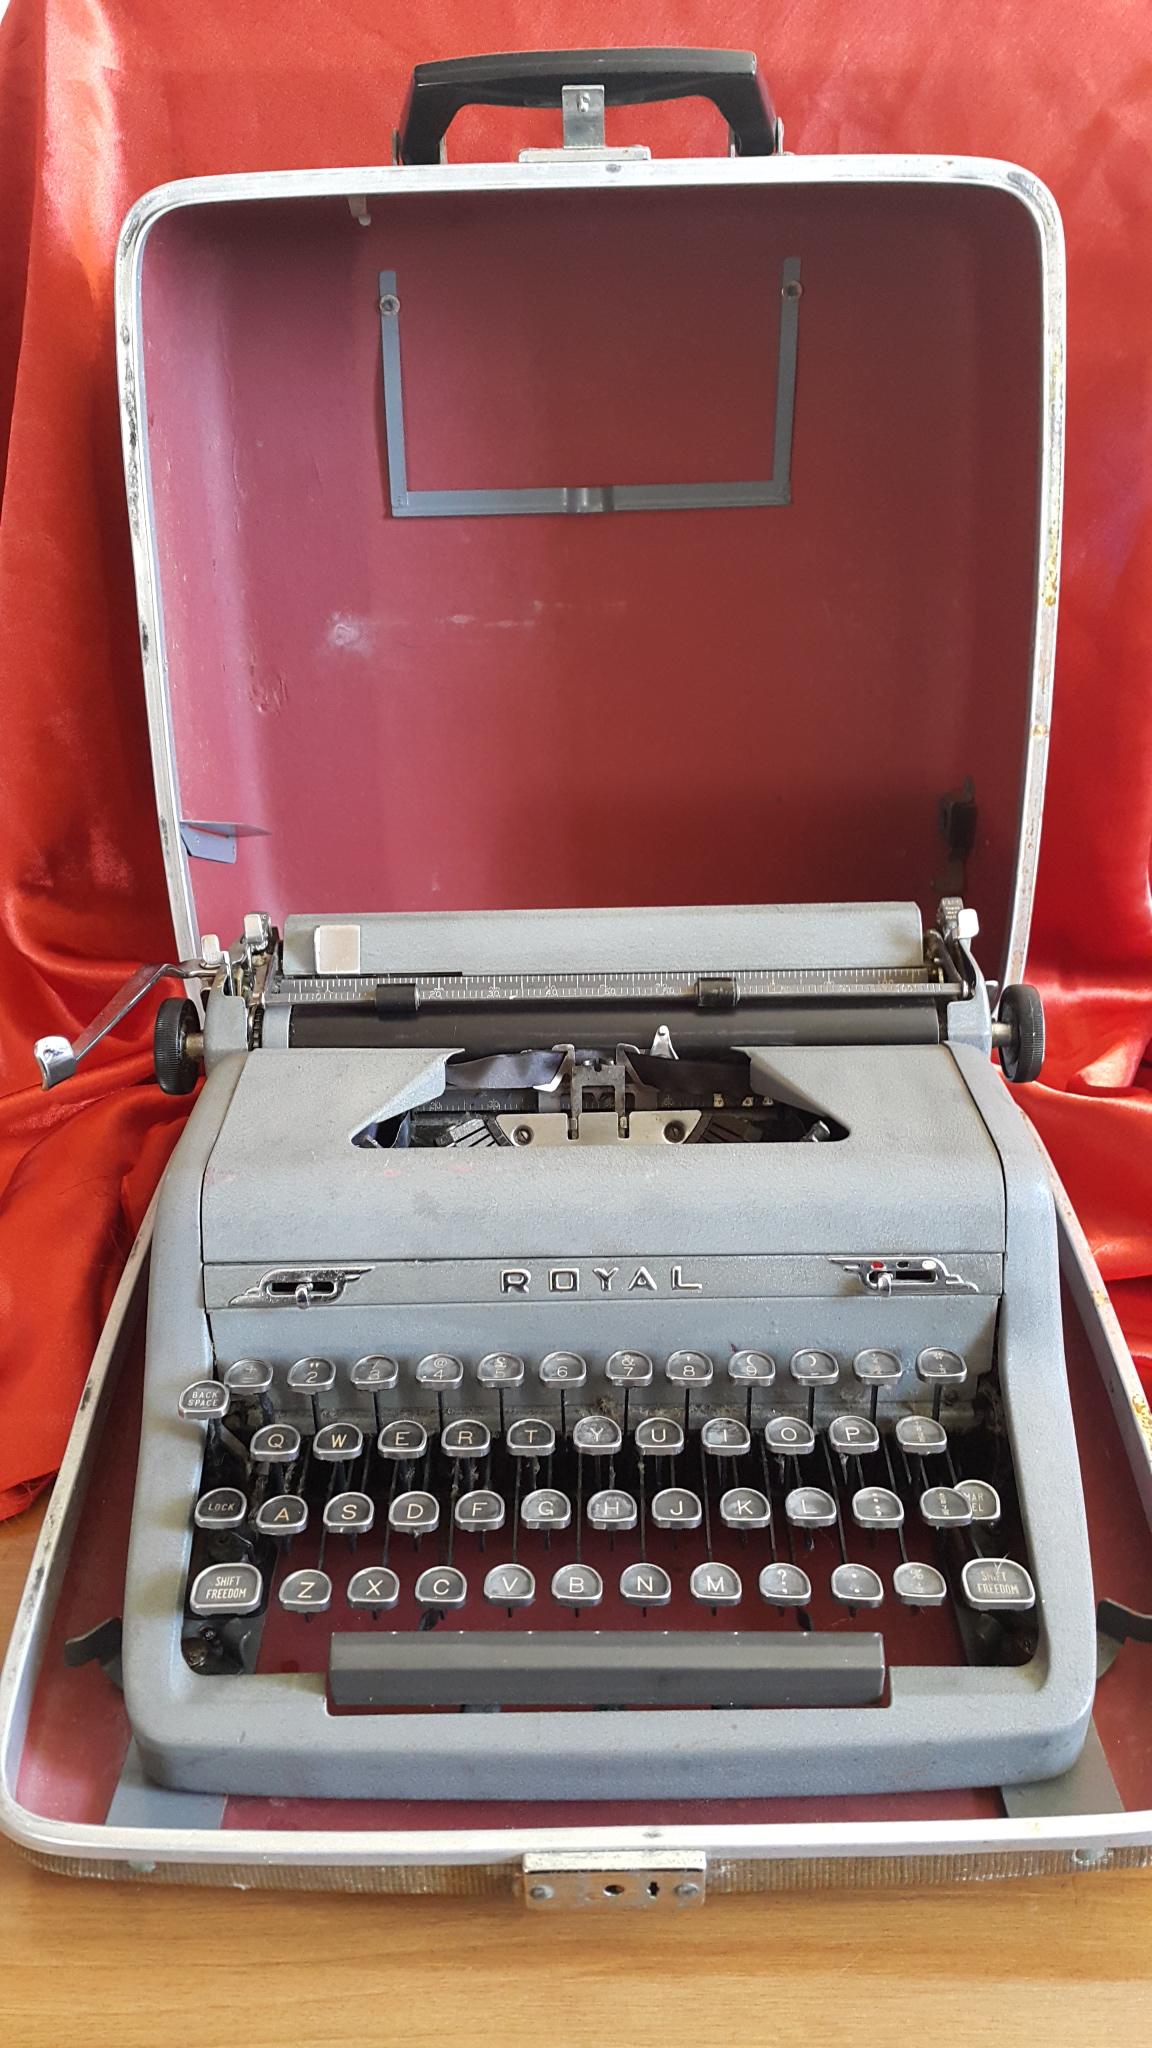 Royal vintage typewriter, serviced